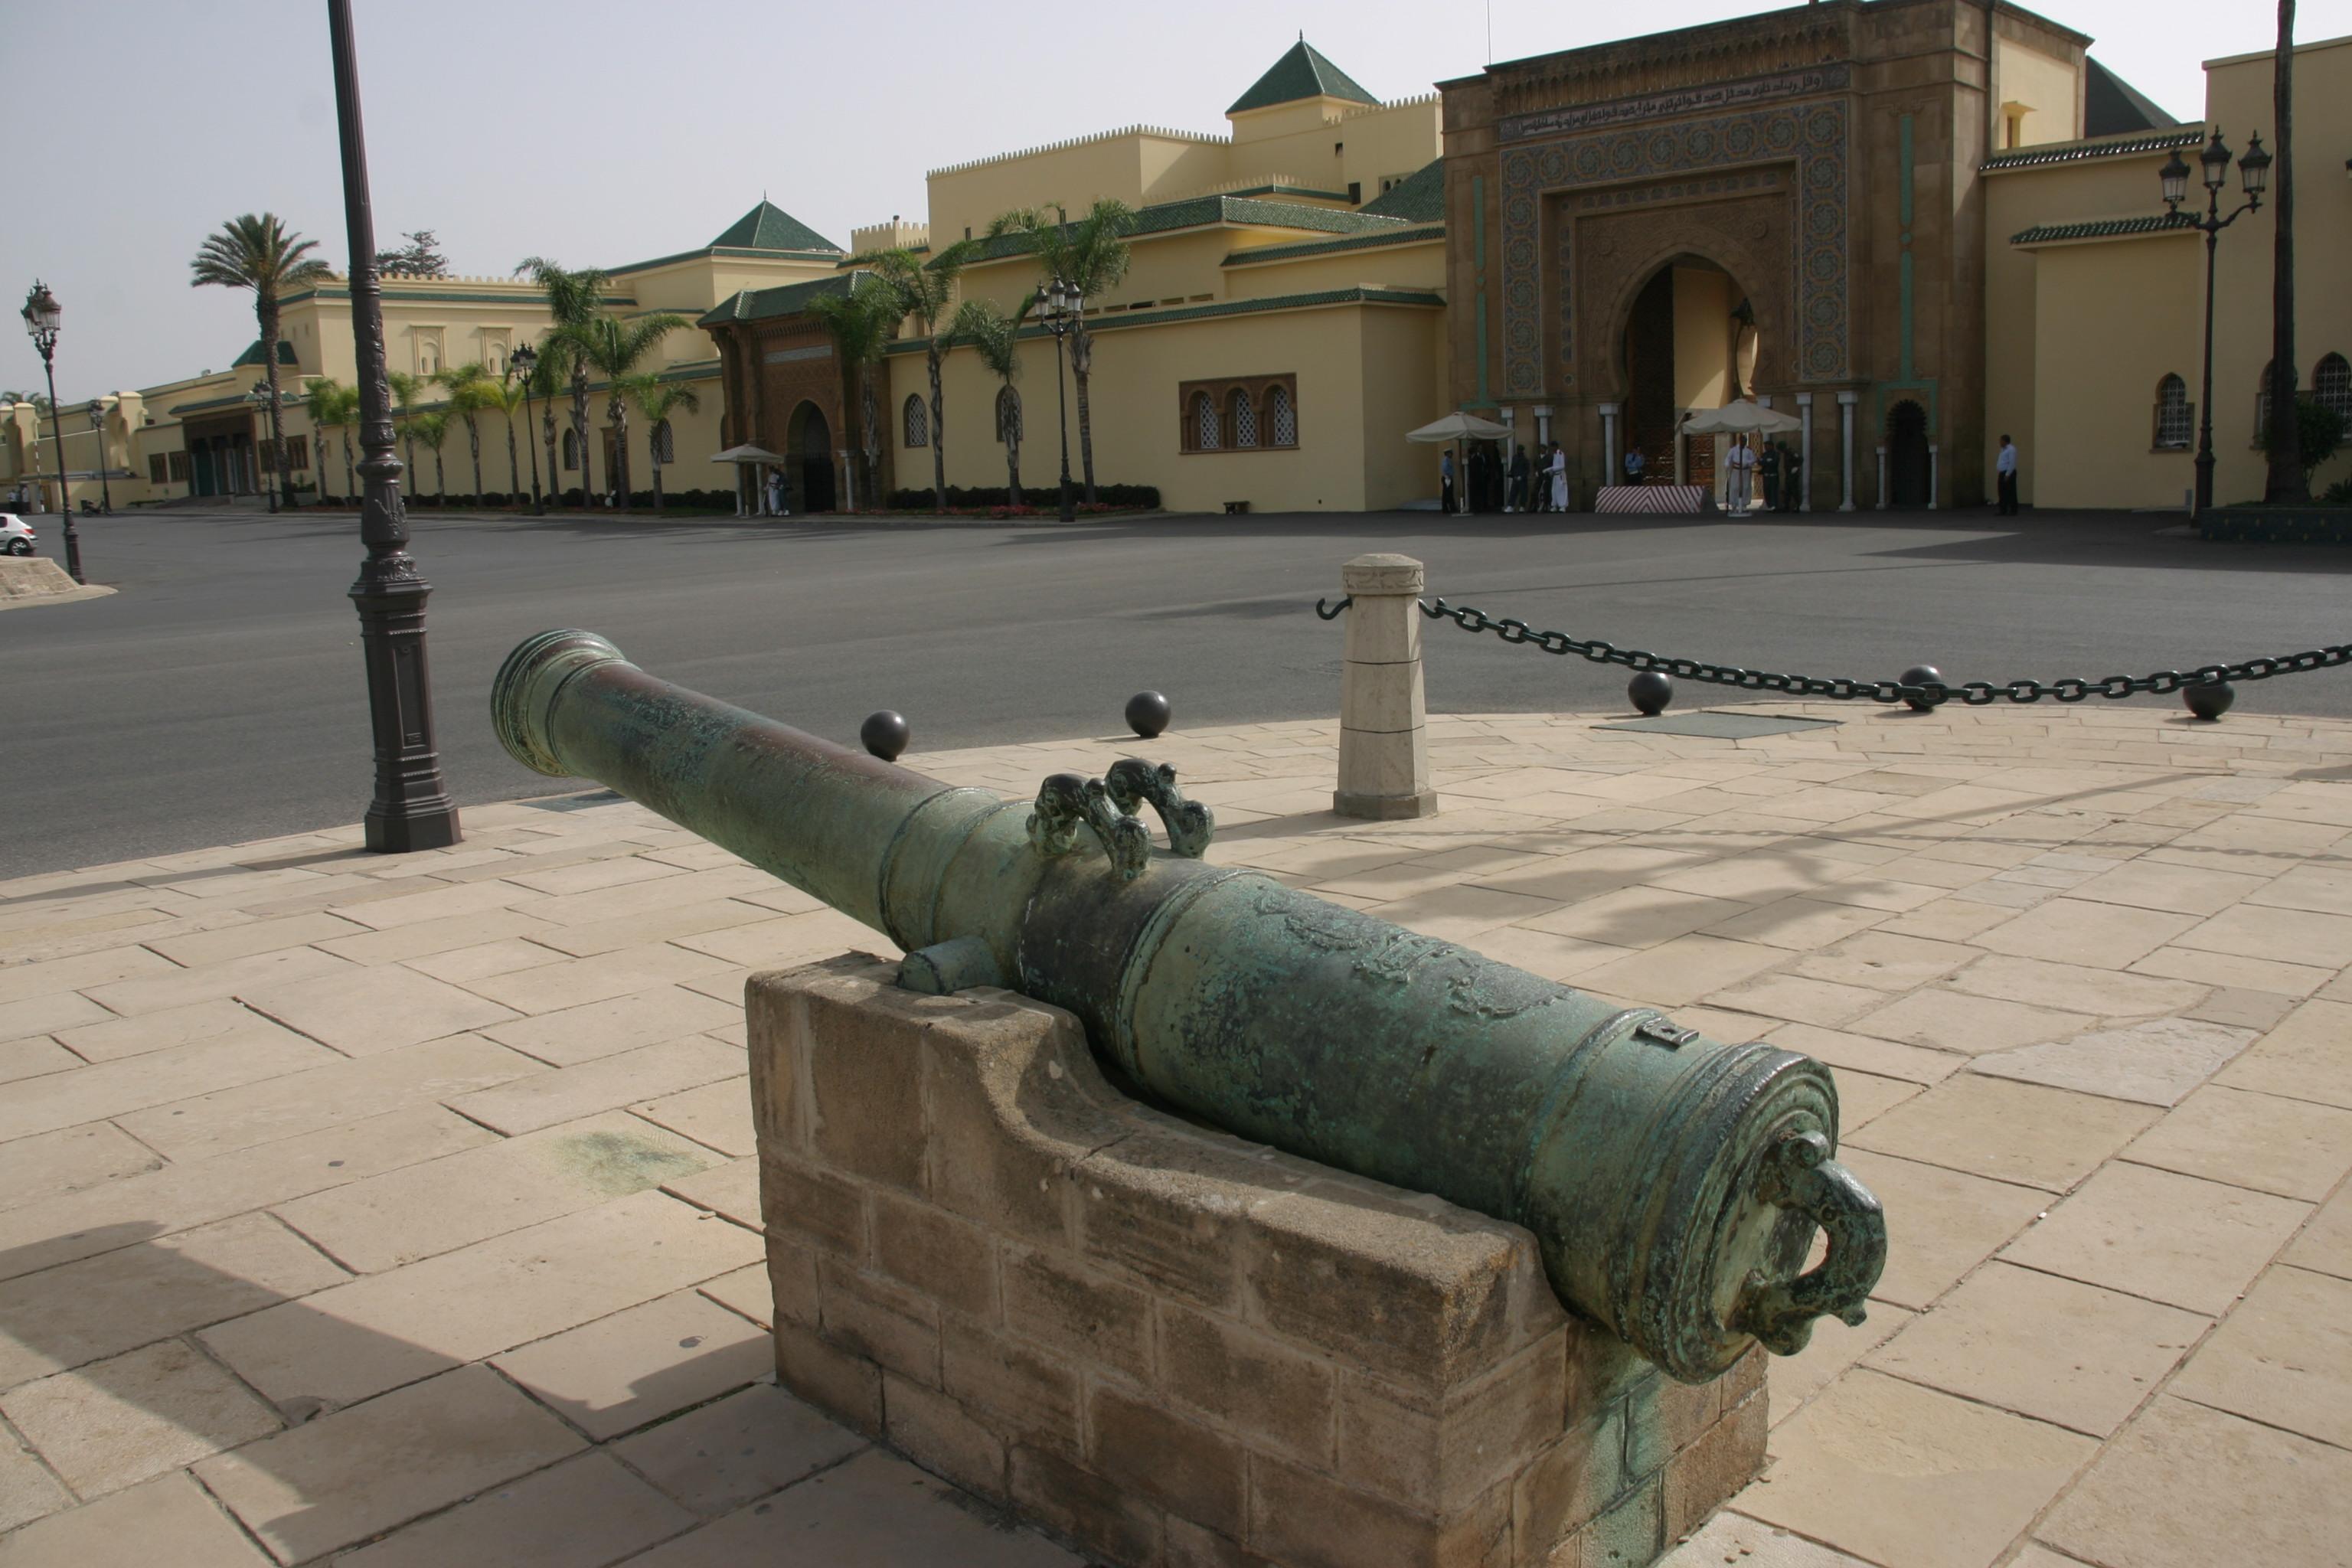 A jelenlegi uralkodó, VI. Mohamed király palotája Rabatban. <br />A jelenlegi Alavita dinasztia (17. sz-óta uralja az országot) az Idrisz és Szádi dinasztiákhoz hasonlóan szintén Mohamed próféta leszármazottja: a próféta lányának Fatimának és férjének Alinak a vérvonala.